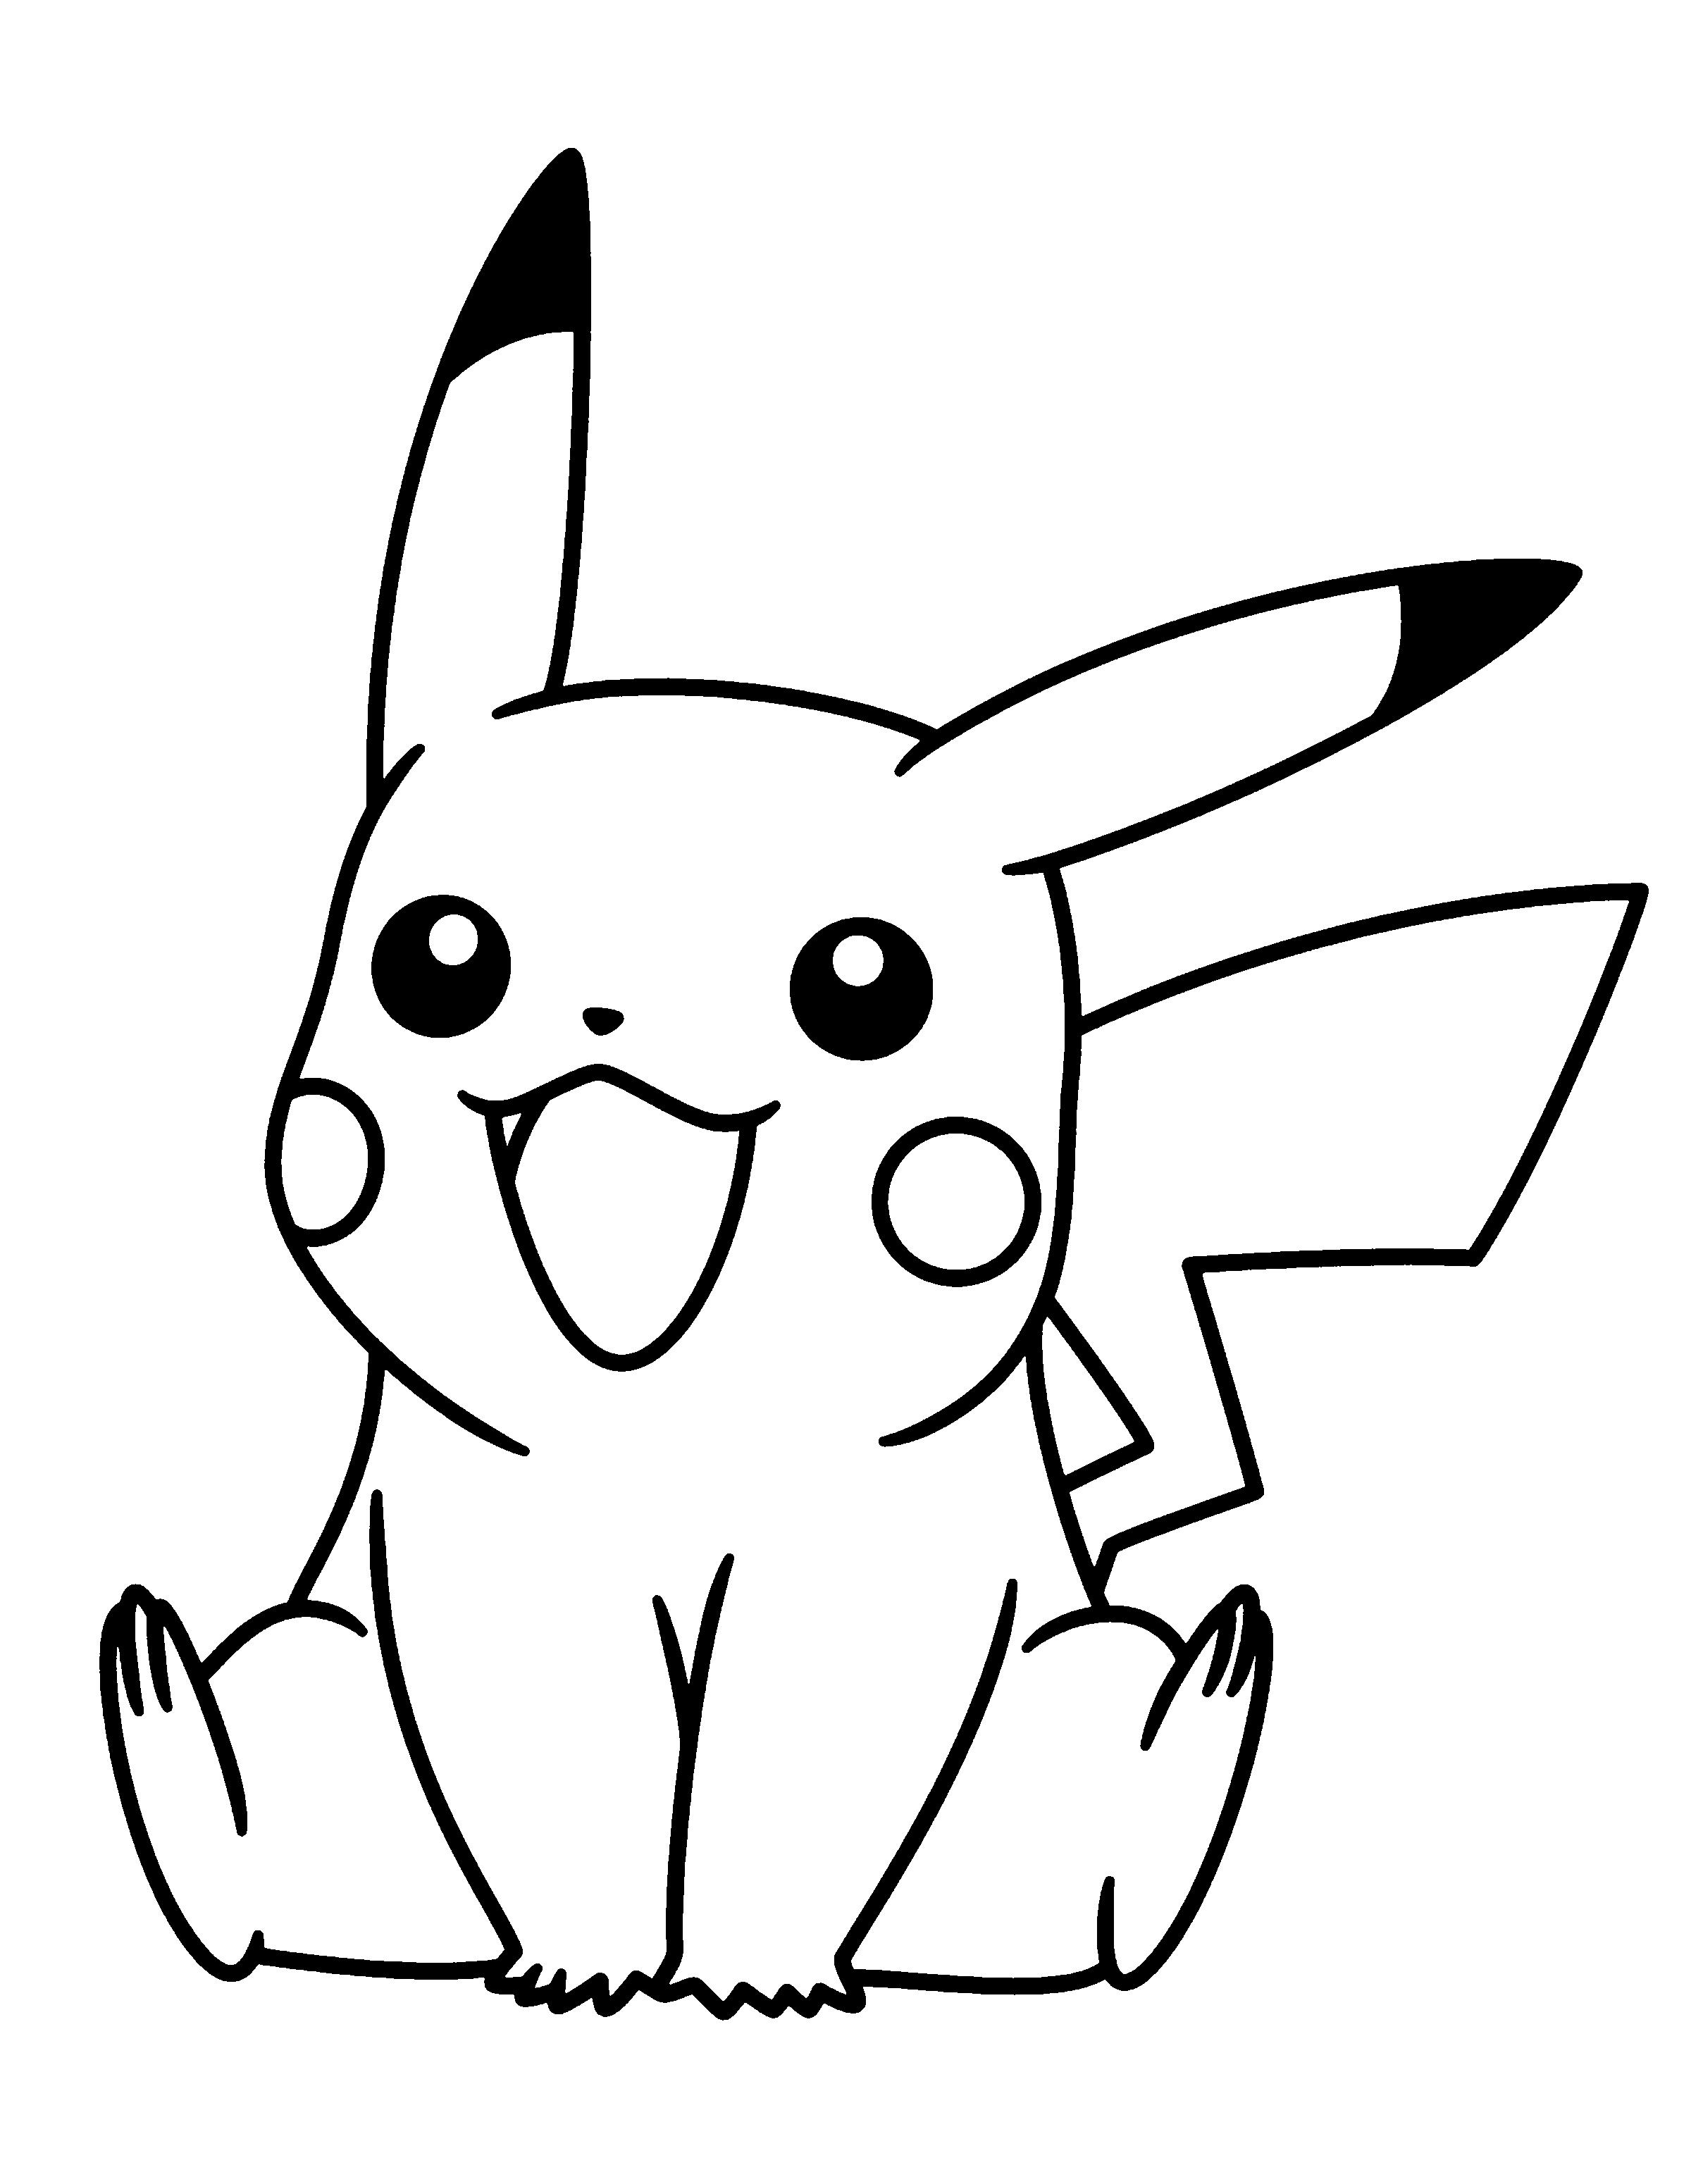 150 dessins de coloriage pokemon à imprimer sur LaGuerche ...